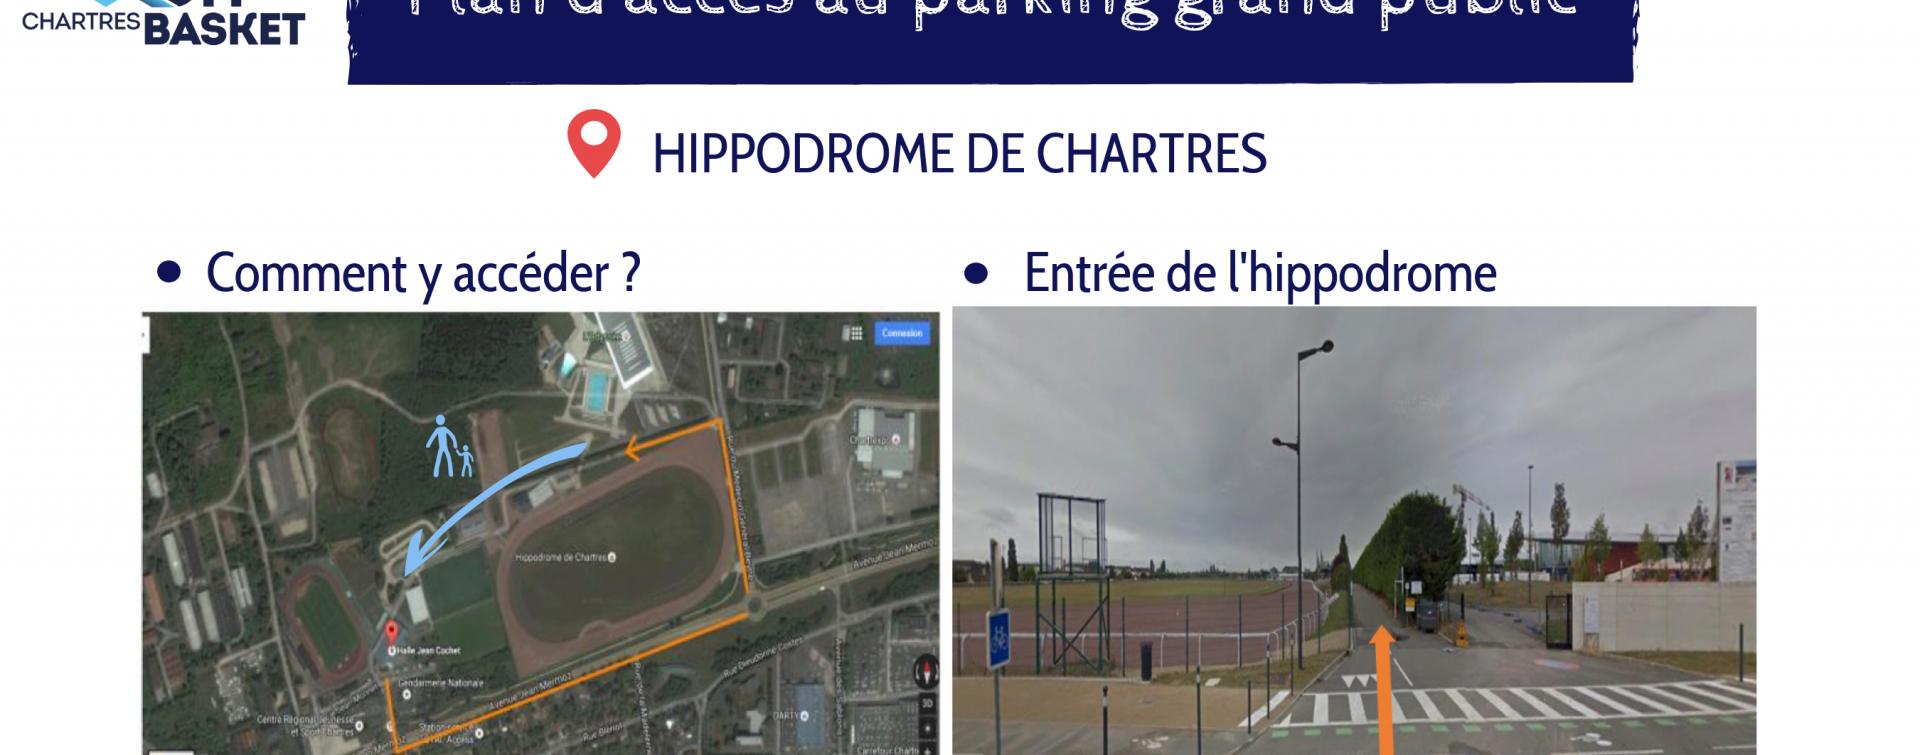 Parking spectateurs gratuit et surveillé à l'hippodrome de Chartres